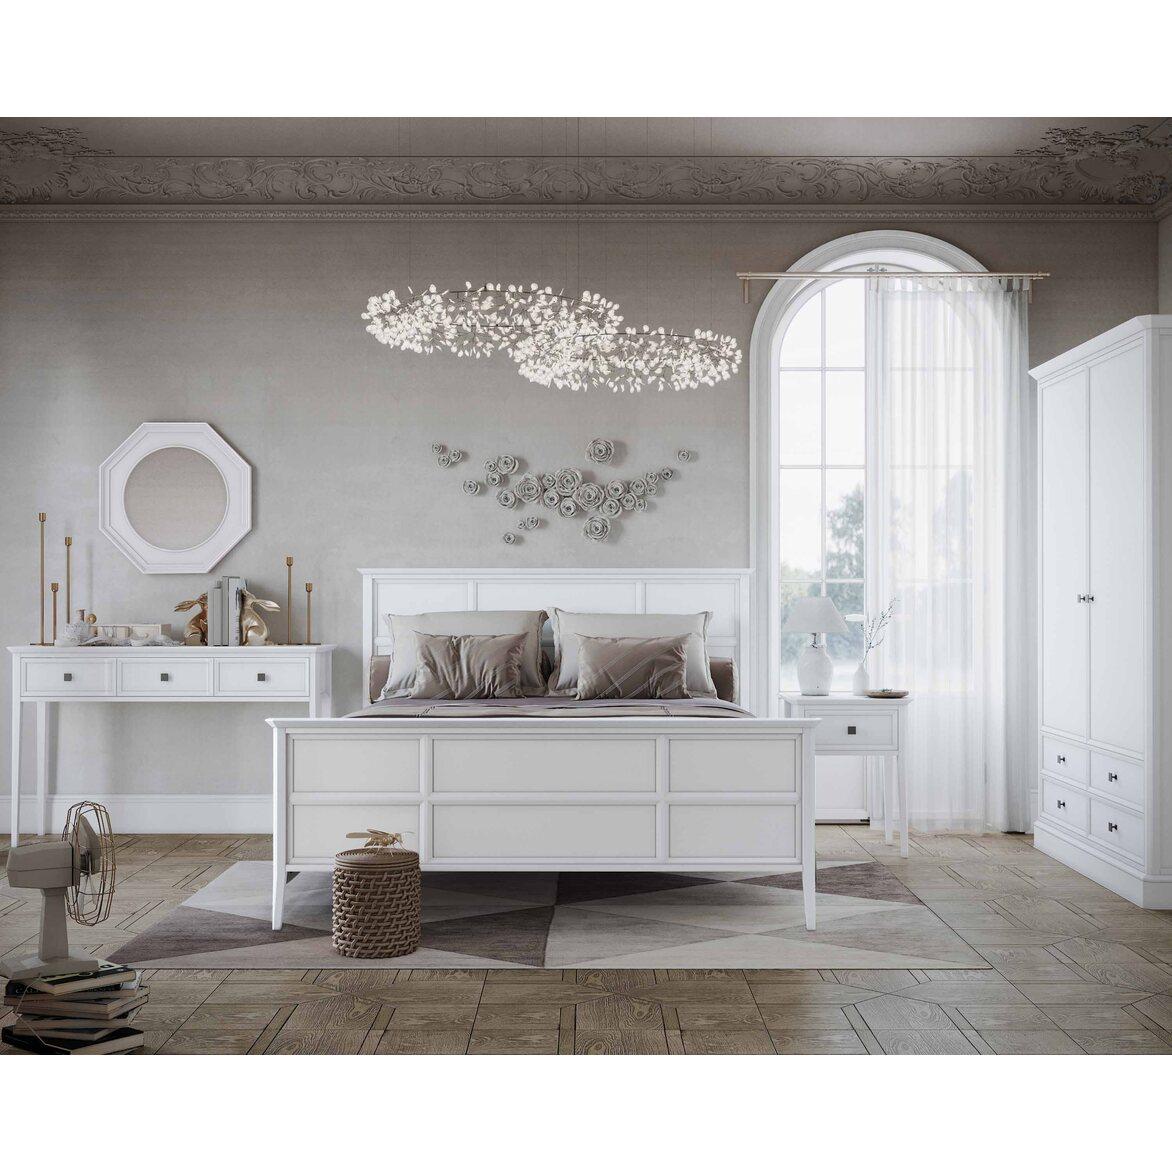 Кровать Ellington, белая, с изножьем 3 | Двуспальные кровати Kingsby